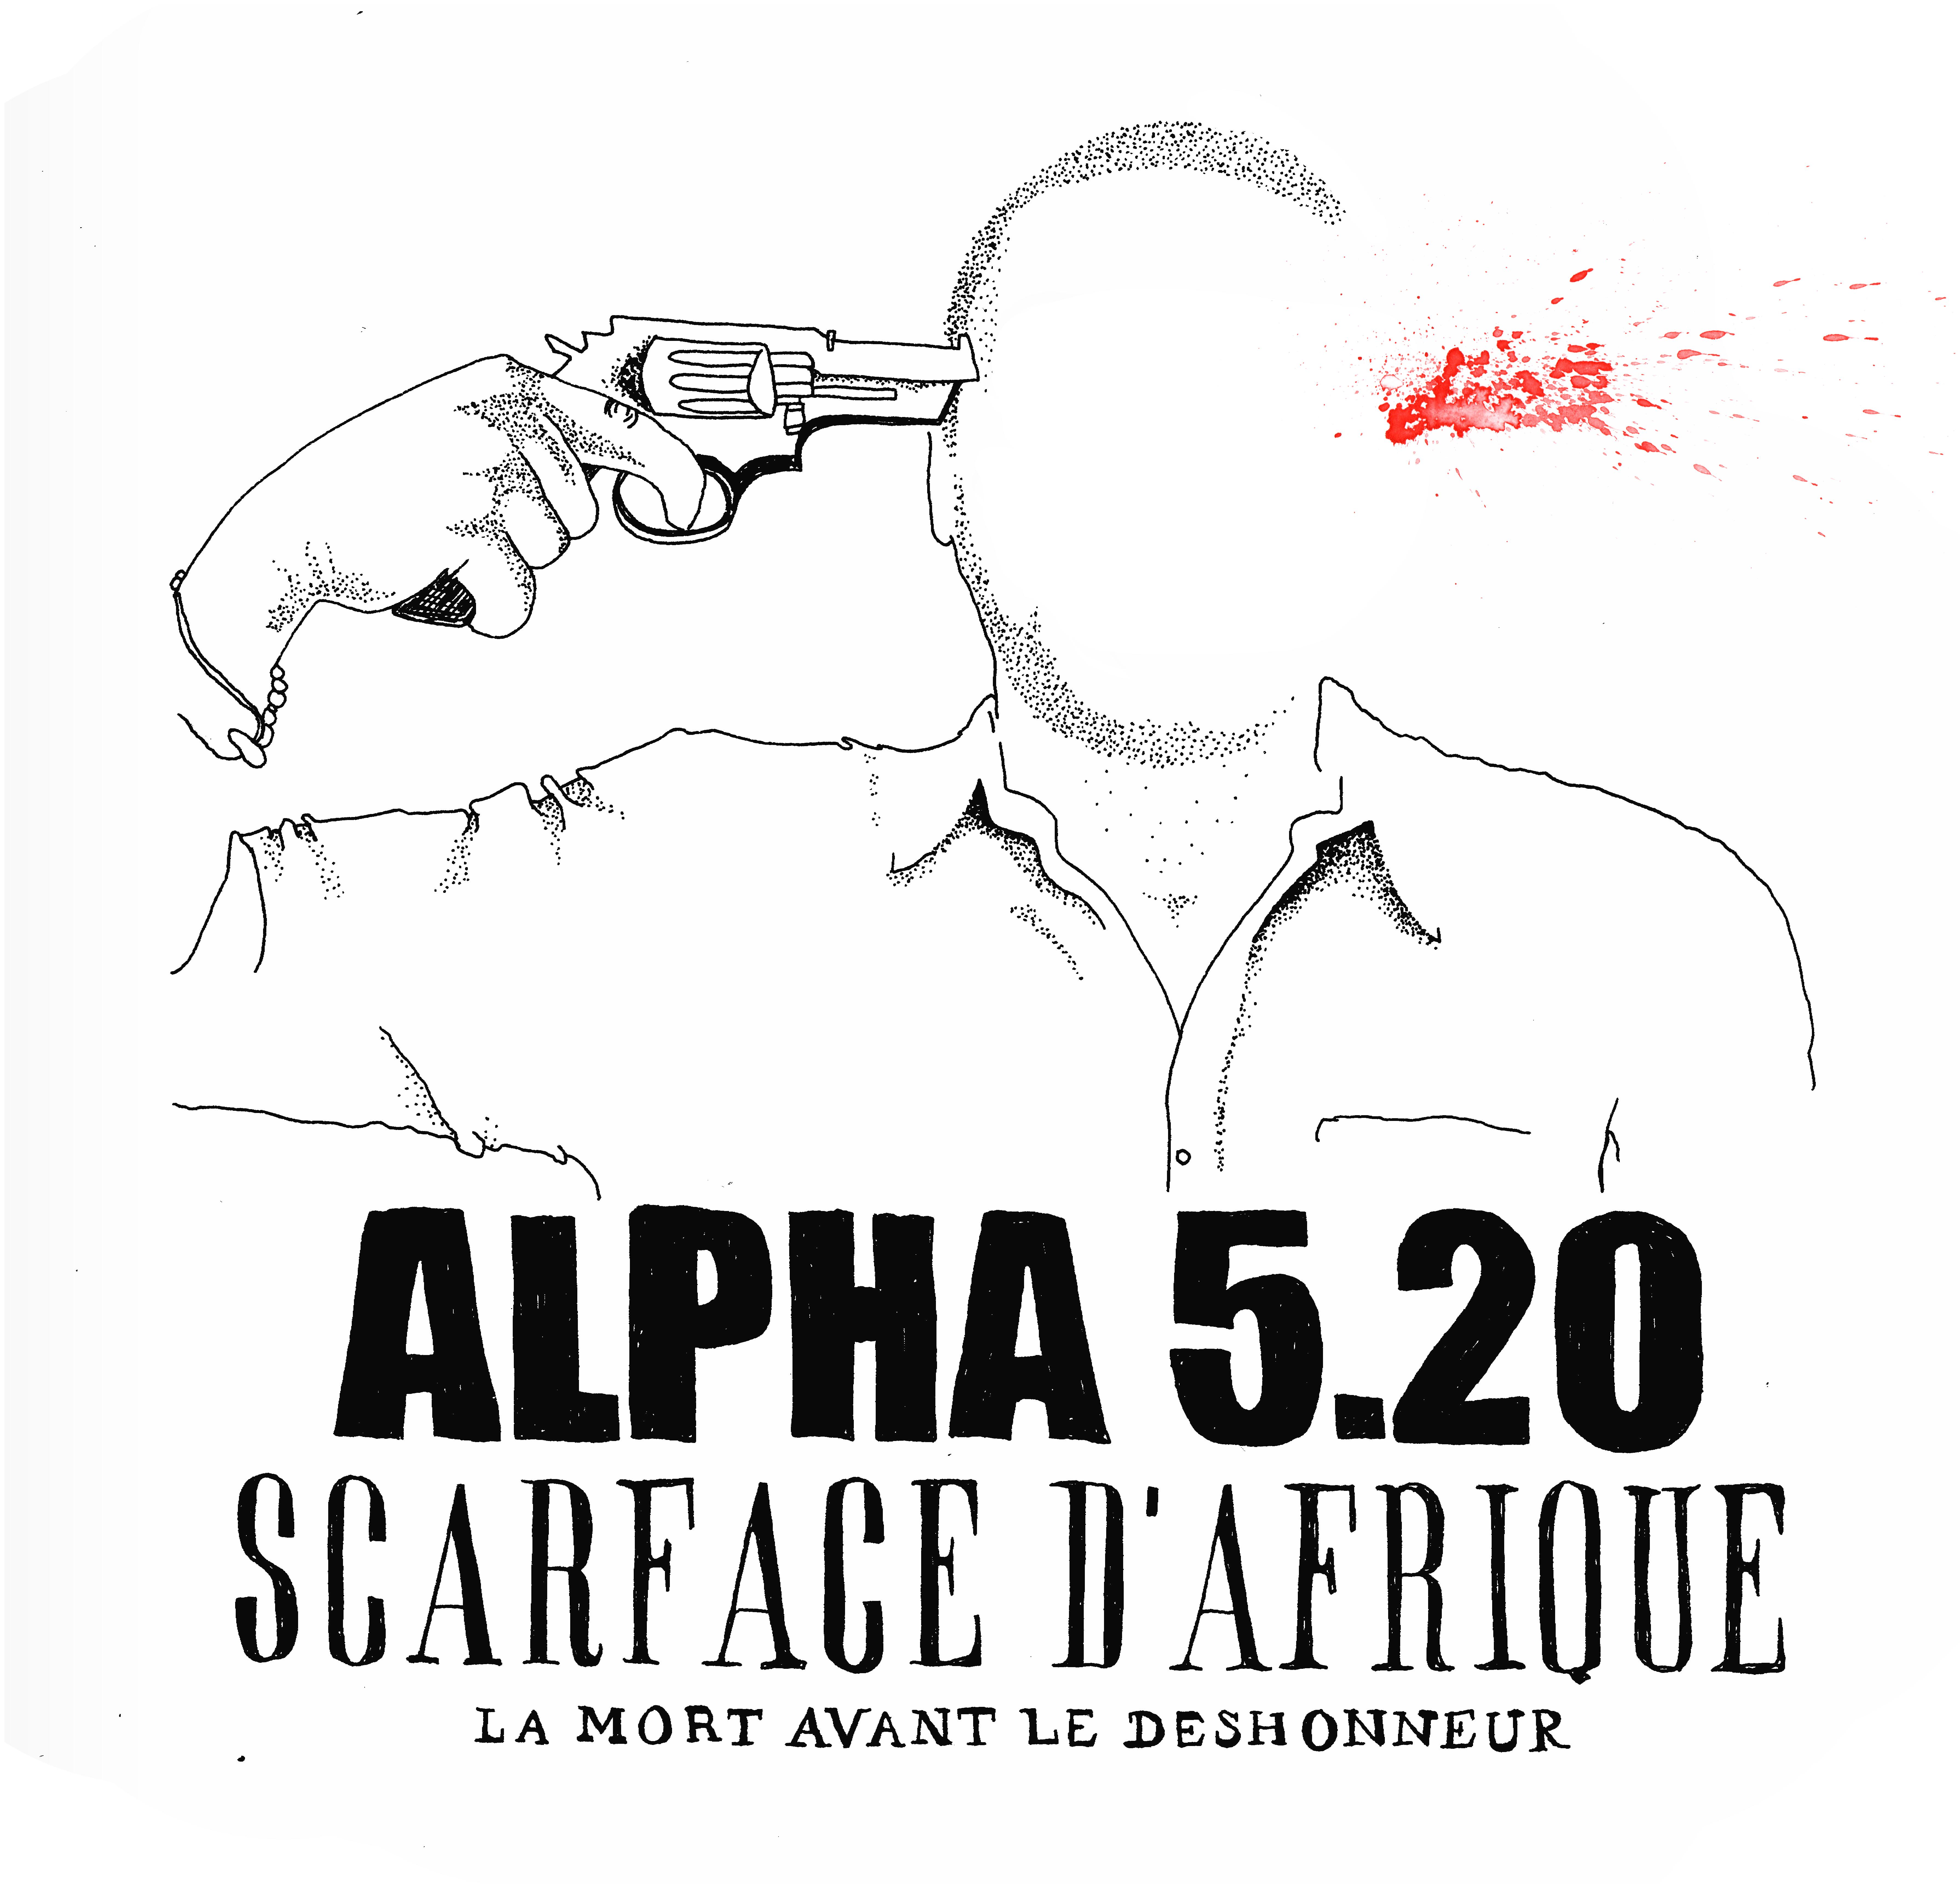 2-Scarface d'Afrique